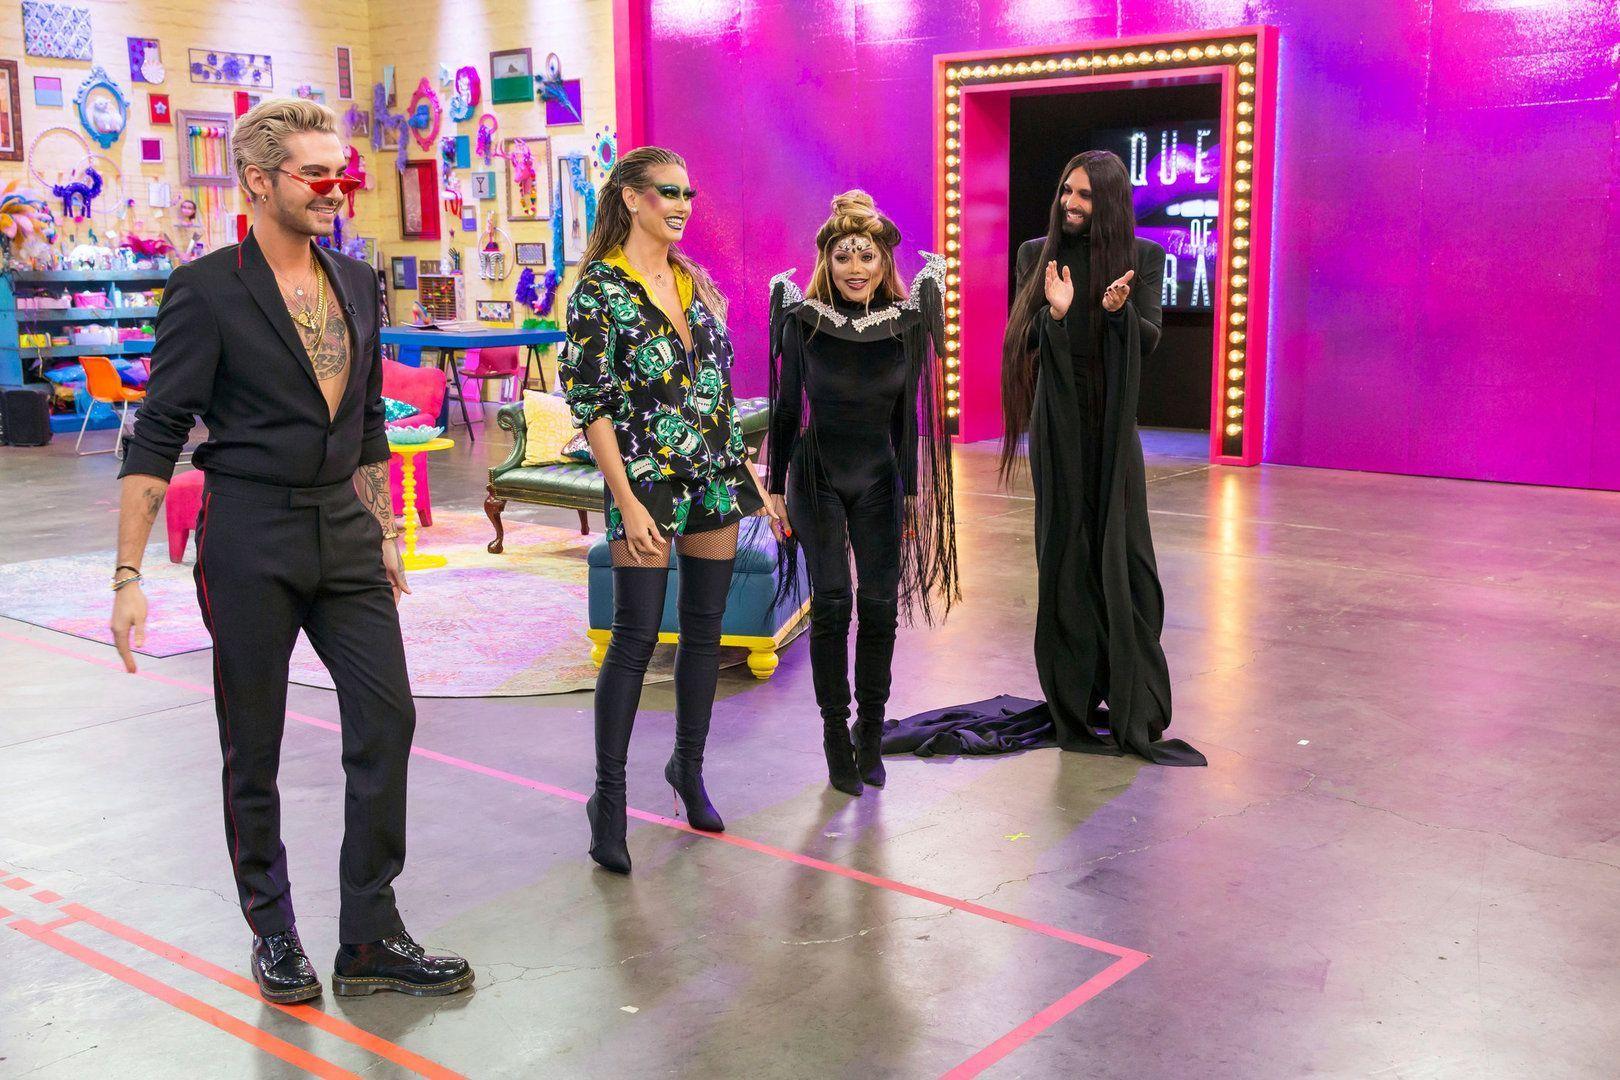 Queen of Drags - Im Halbfinale erwartet die Jury etwas Neues!